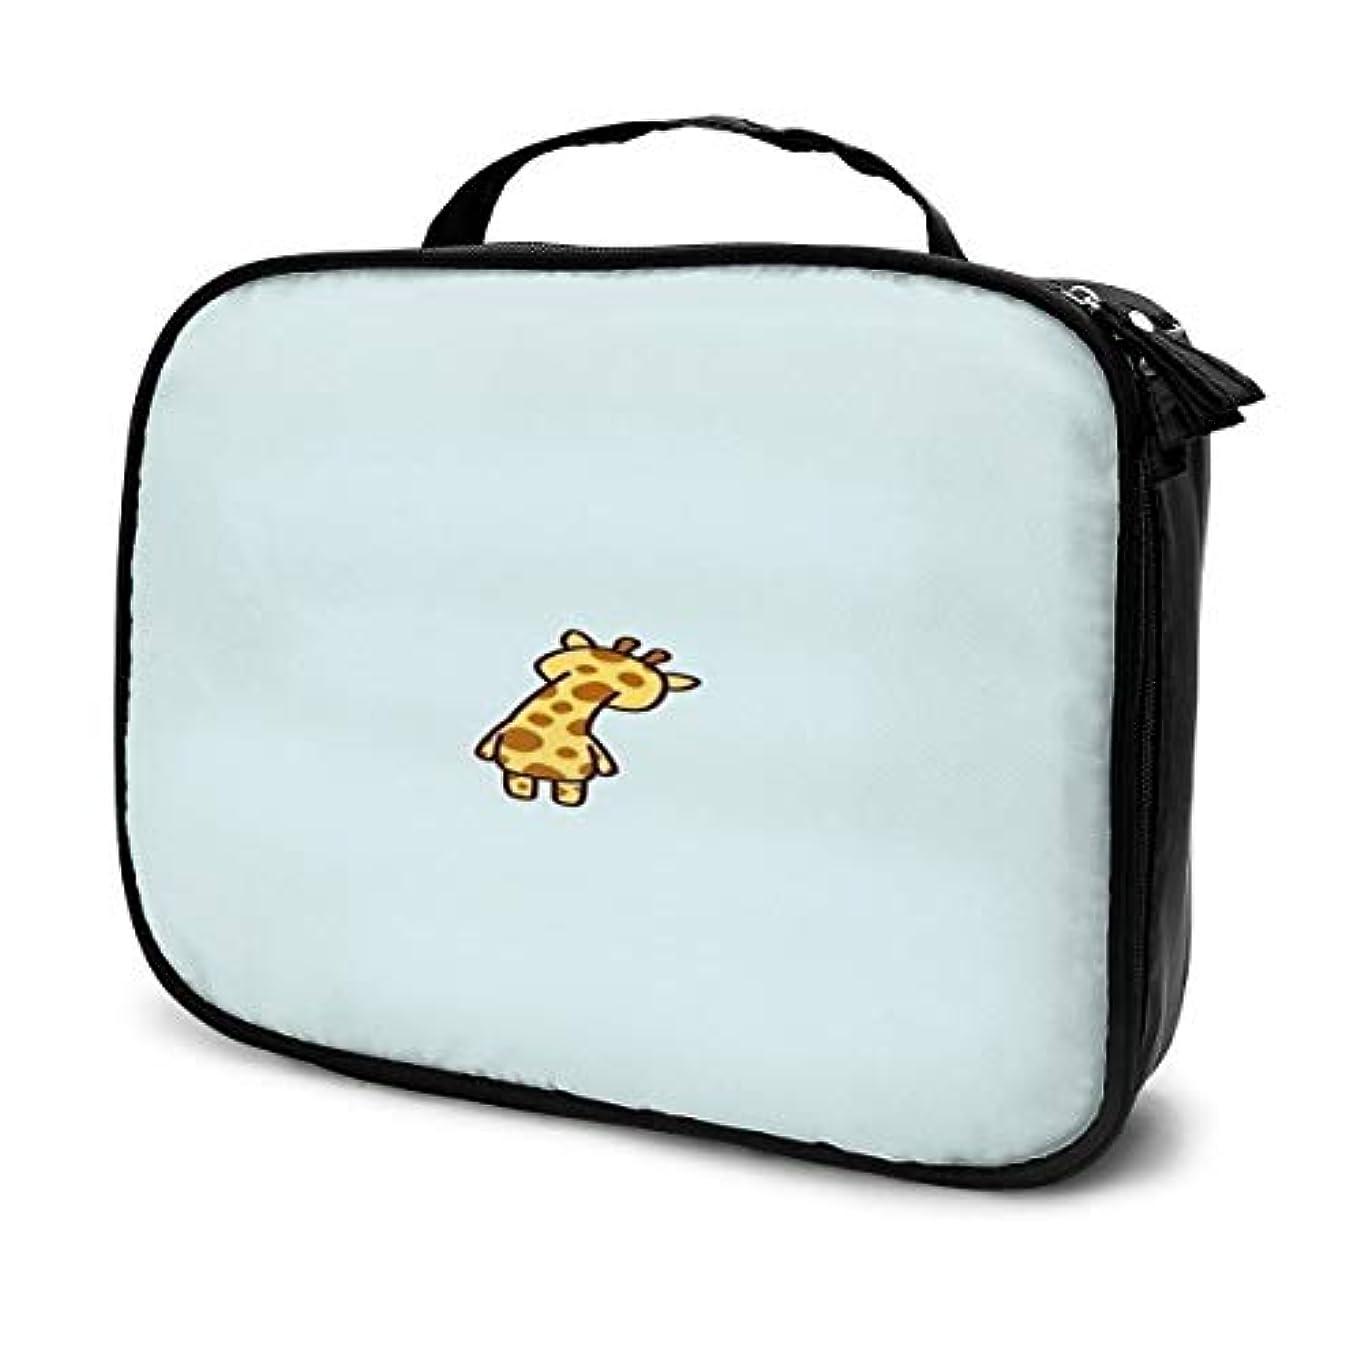 アーティファクトブラシキリスト教Daituキリン 化粧品袋の女性旅行バッグ収納大容量防水アクセサリー旅行